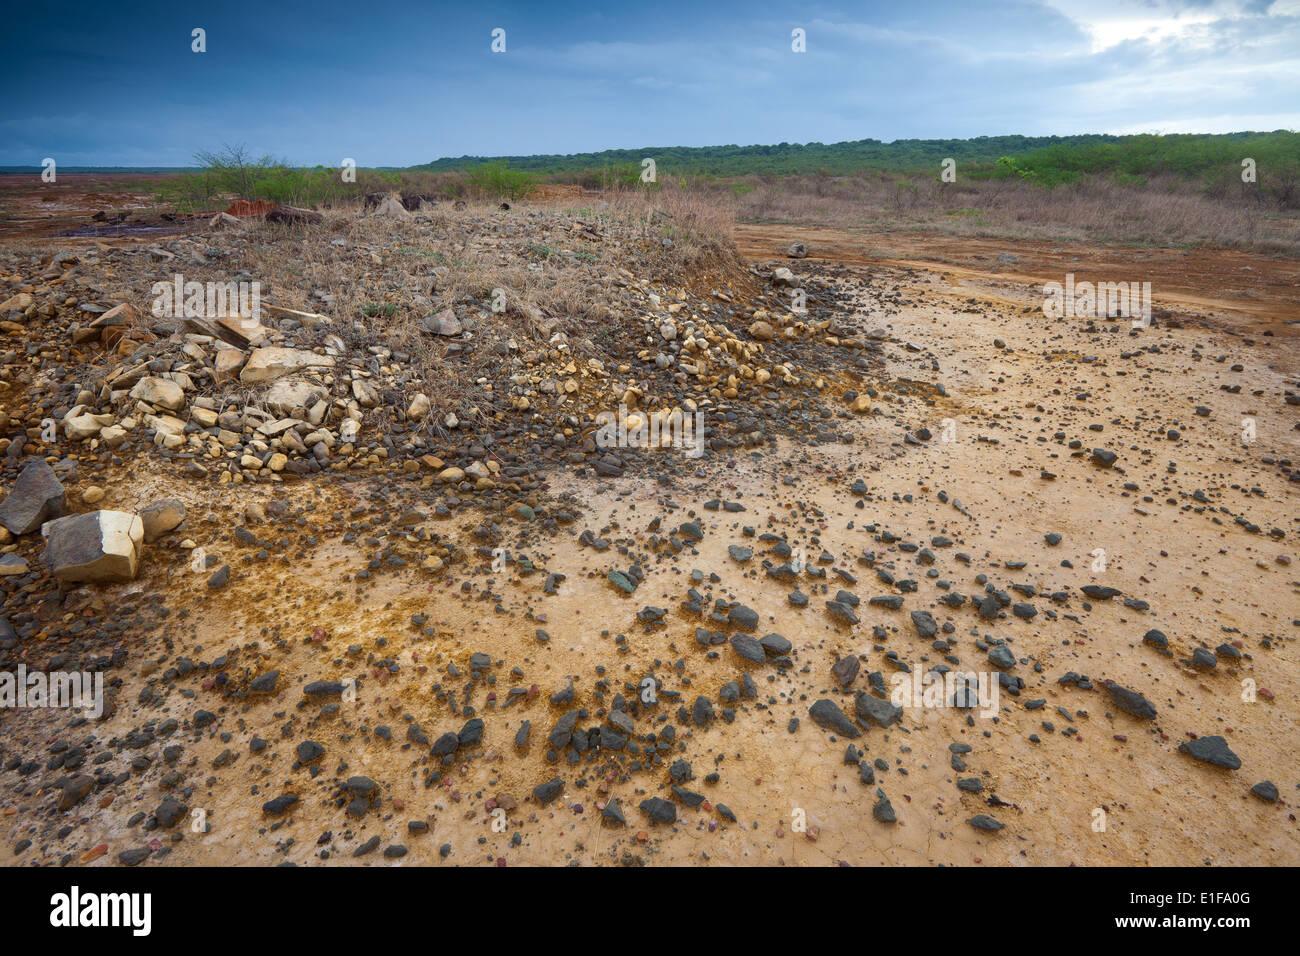 Paesaggio eroso in Sarigua national park (deserto) nella provincia di Herrera, Repubblica di Panama. Immagini Stock